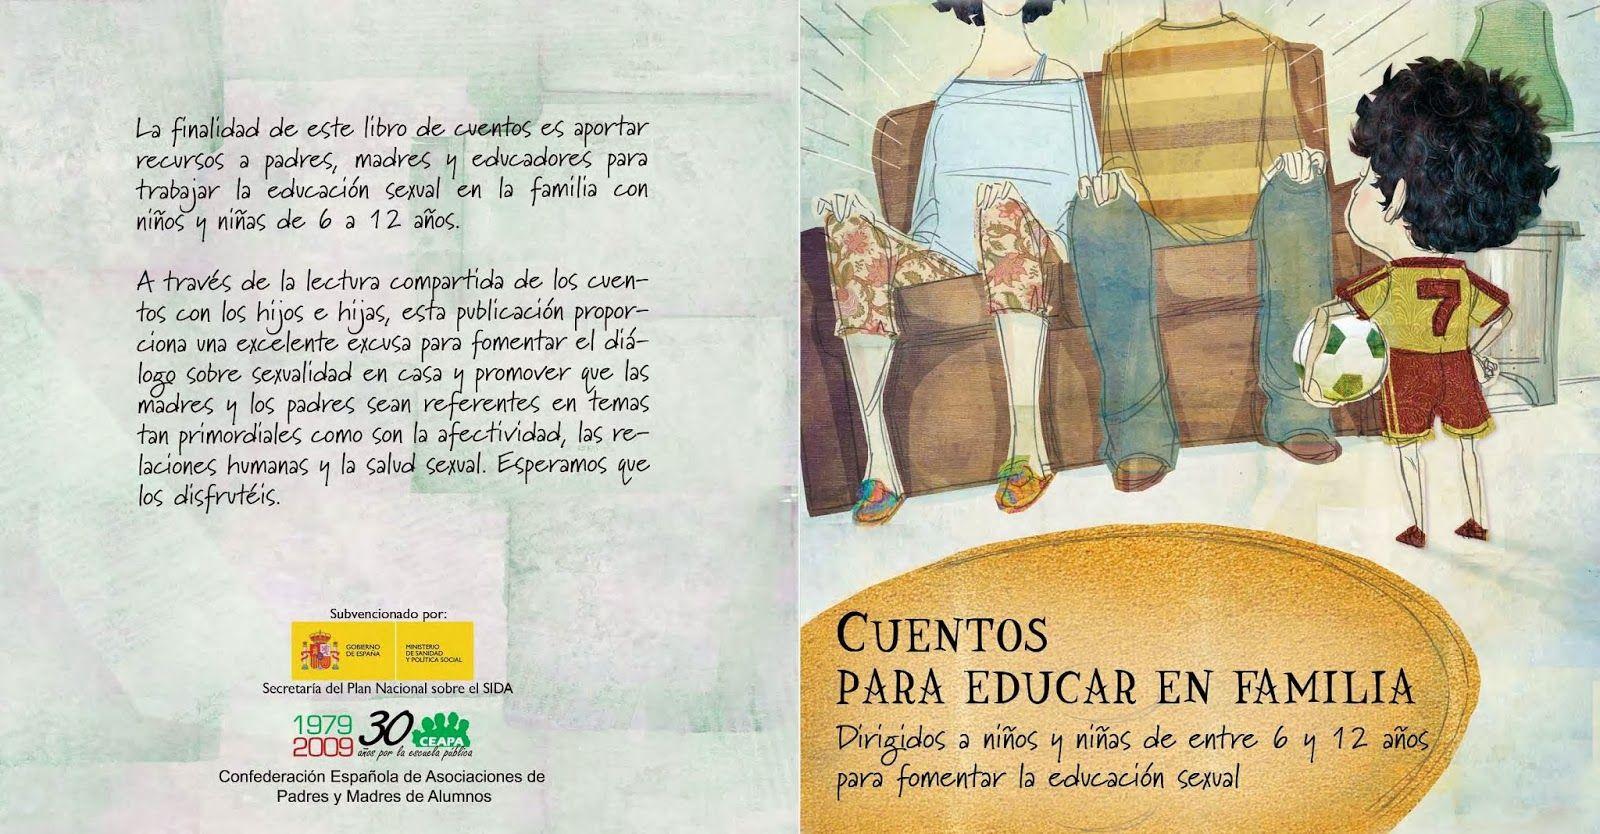 Cuentos ed sexual.  http://enanosaltarin.blogspot.com.es/2014/02/cuentos-educacion-sexual-6-12-anos.html